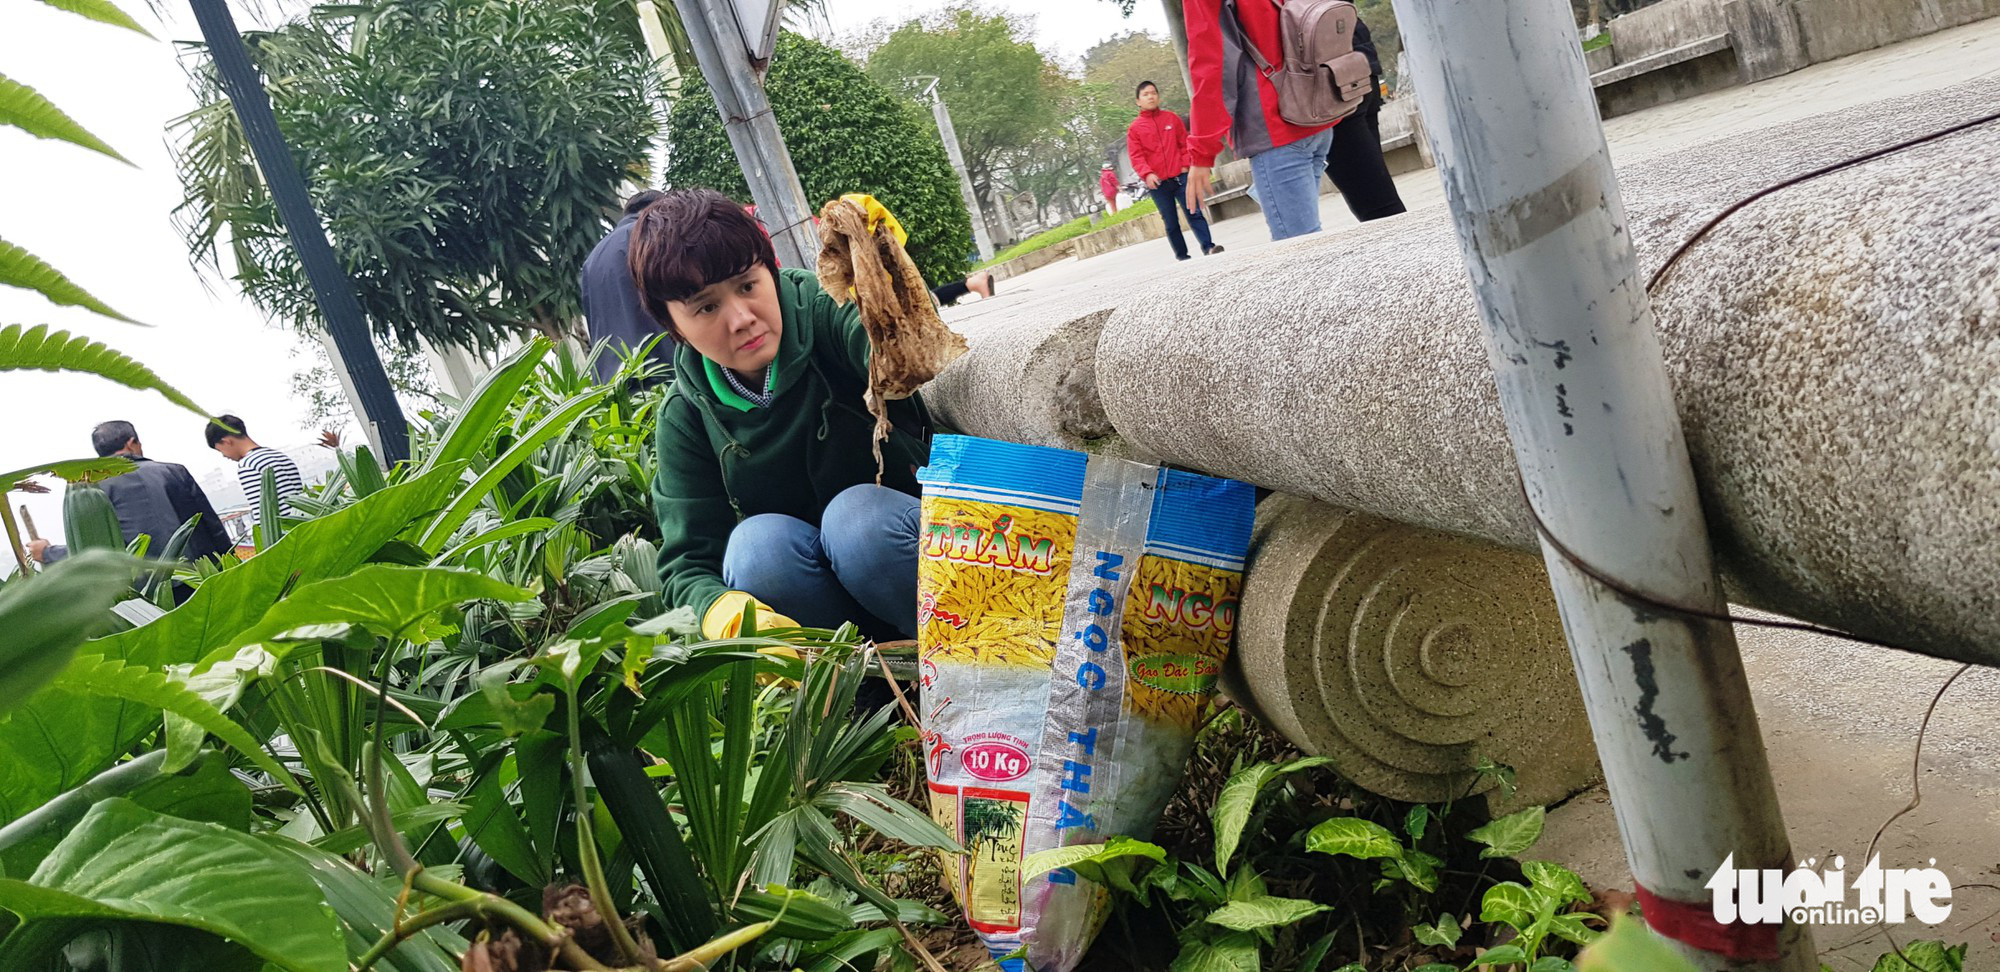 Theo trào lưu Facebook, Huế mở cuộc thi thử thách dọn rác - Ảnh 2.